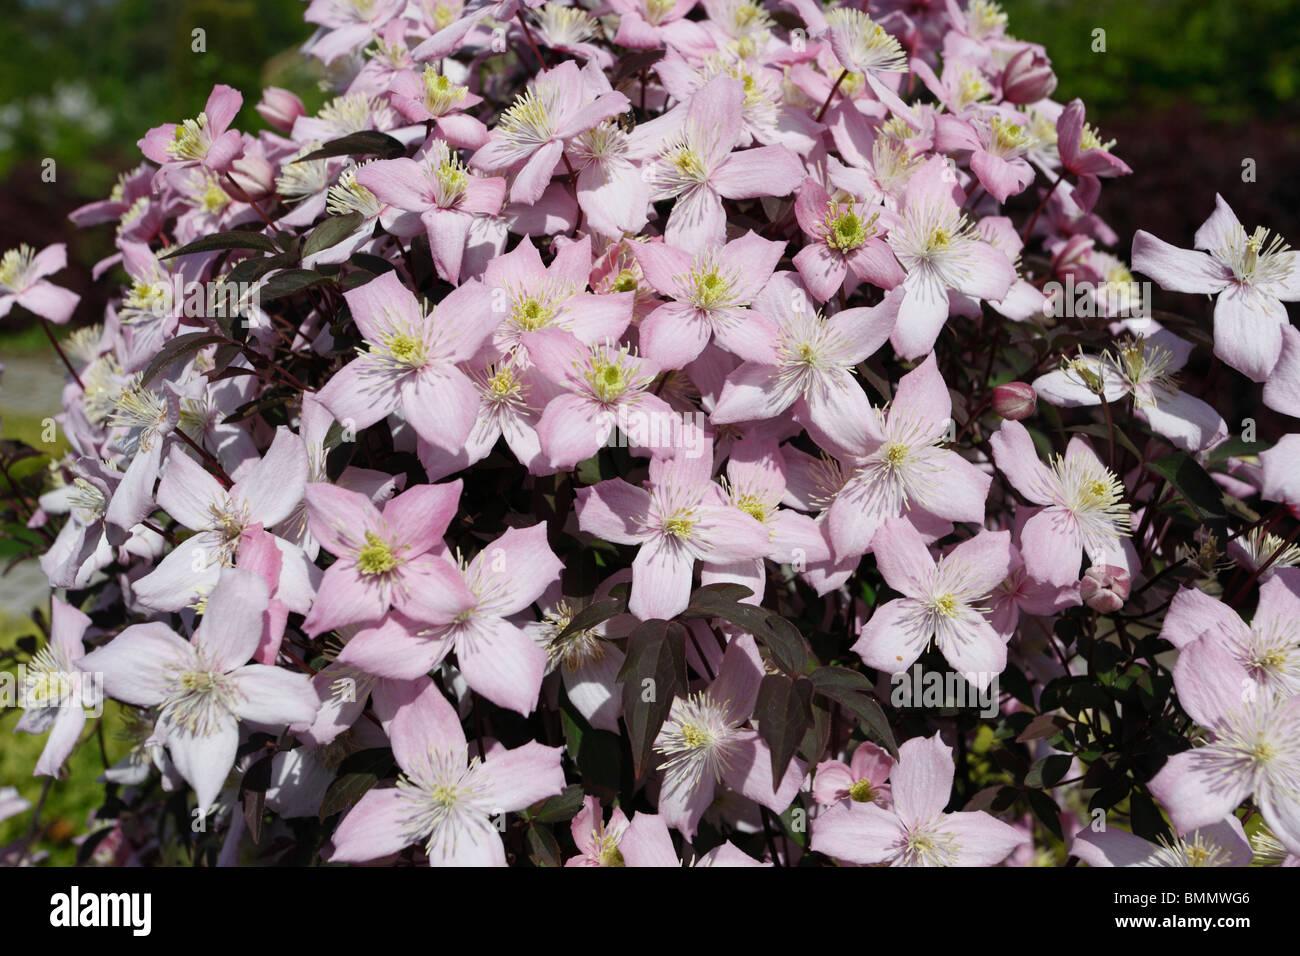 Clematis montana rosa perfección cerca de flores Imagen De Stock